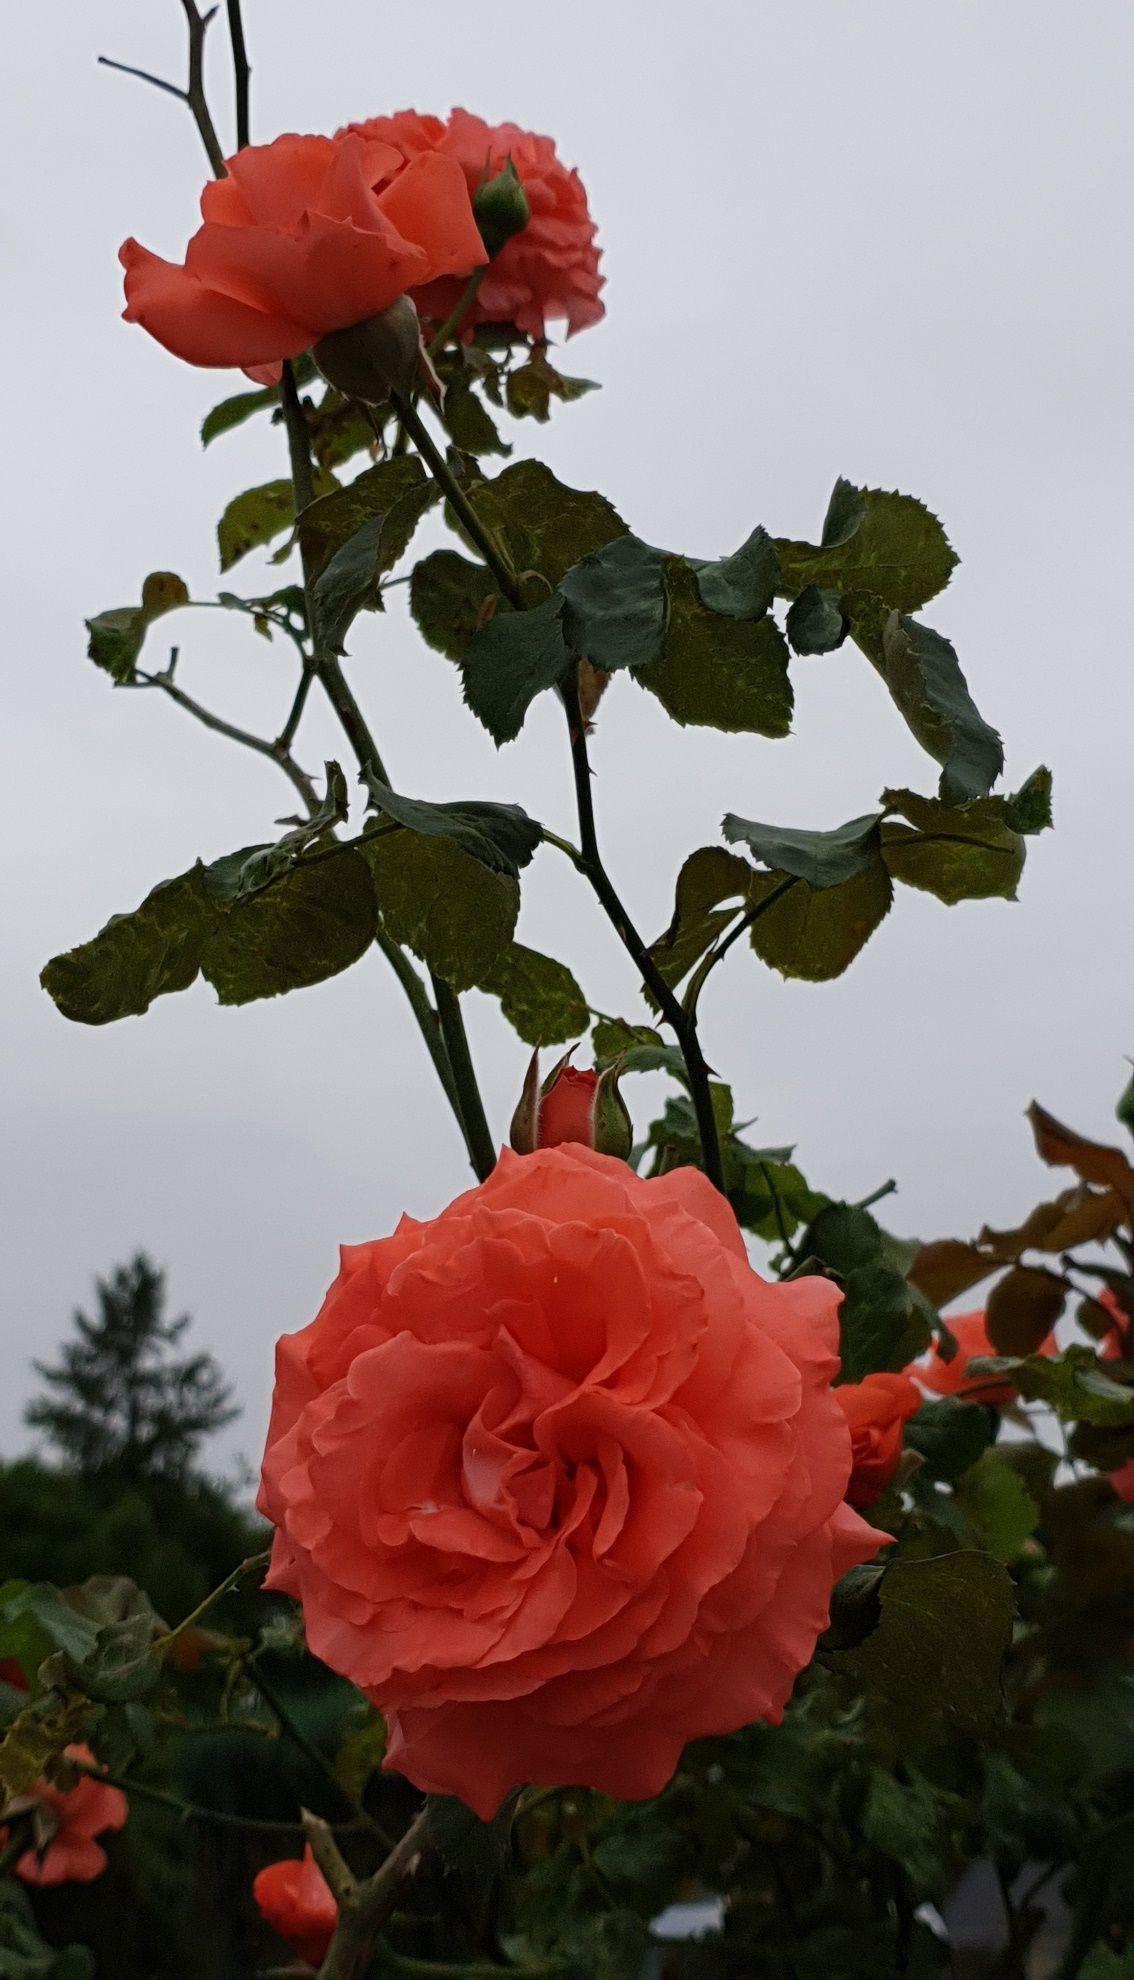 Epingle Par Desir Rachel Sur A C E En 2020 Fleurs Roses Tremieres